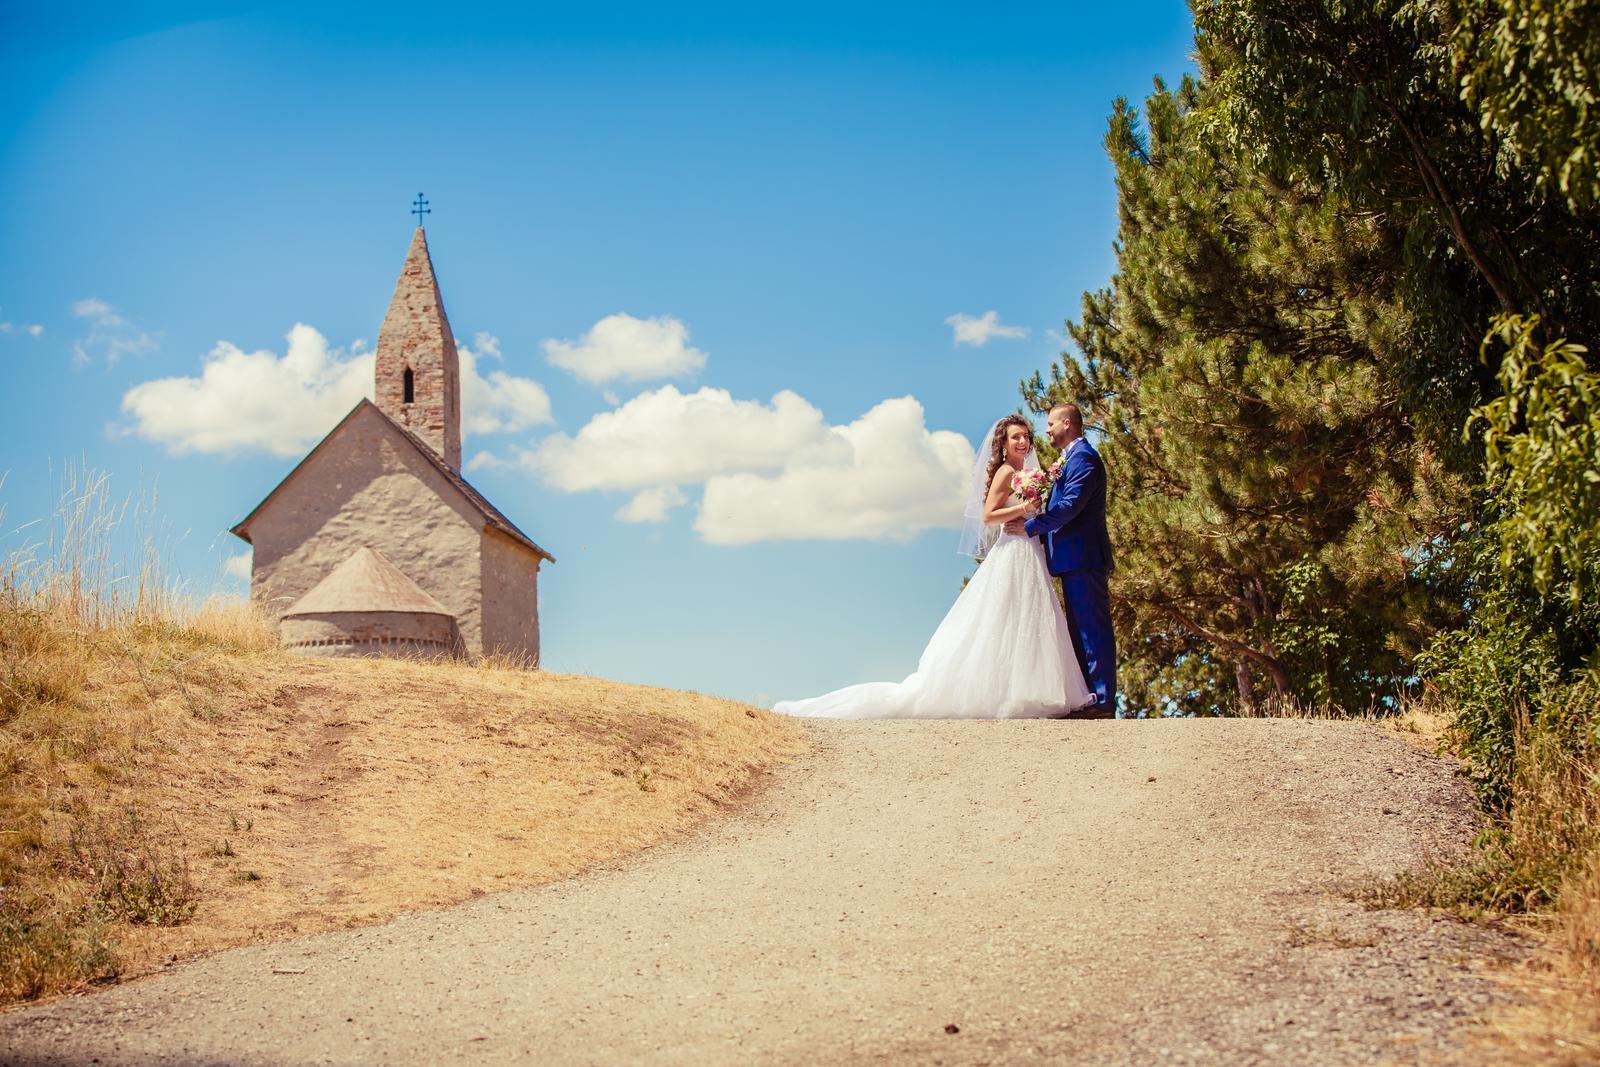 Naša svadba 1.7.2017 - Obrázok č. 11